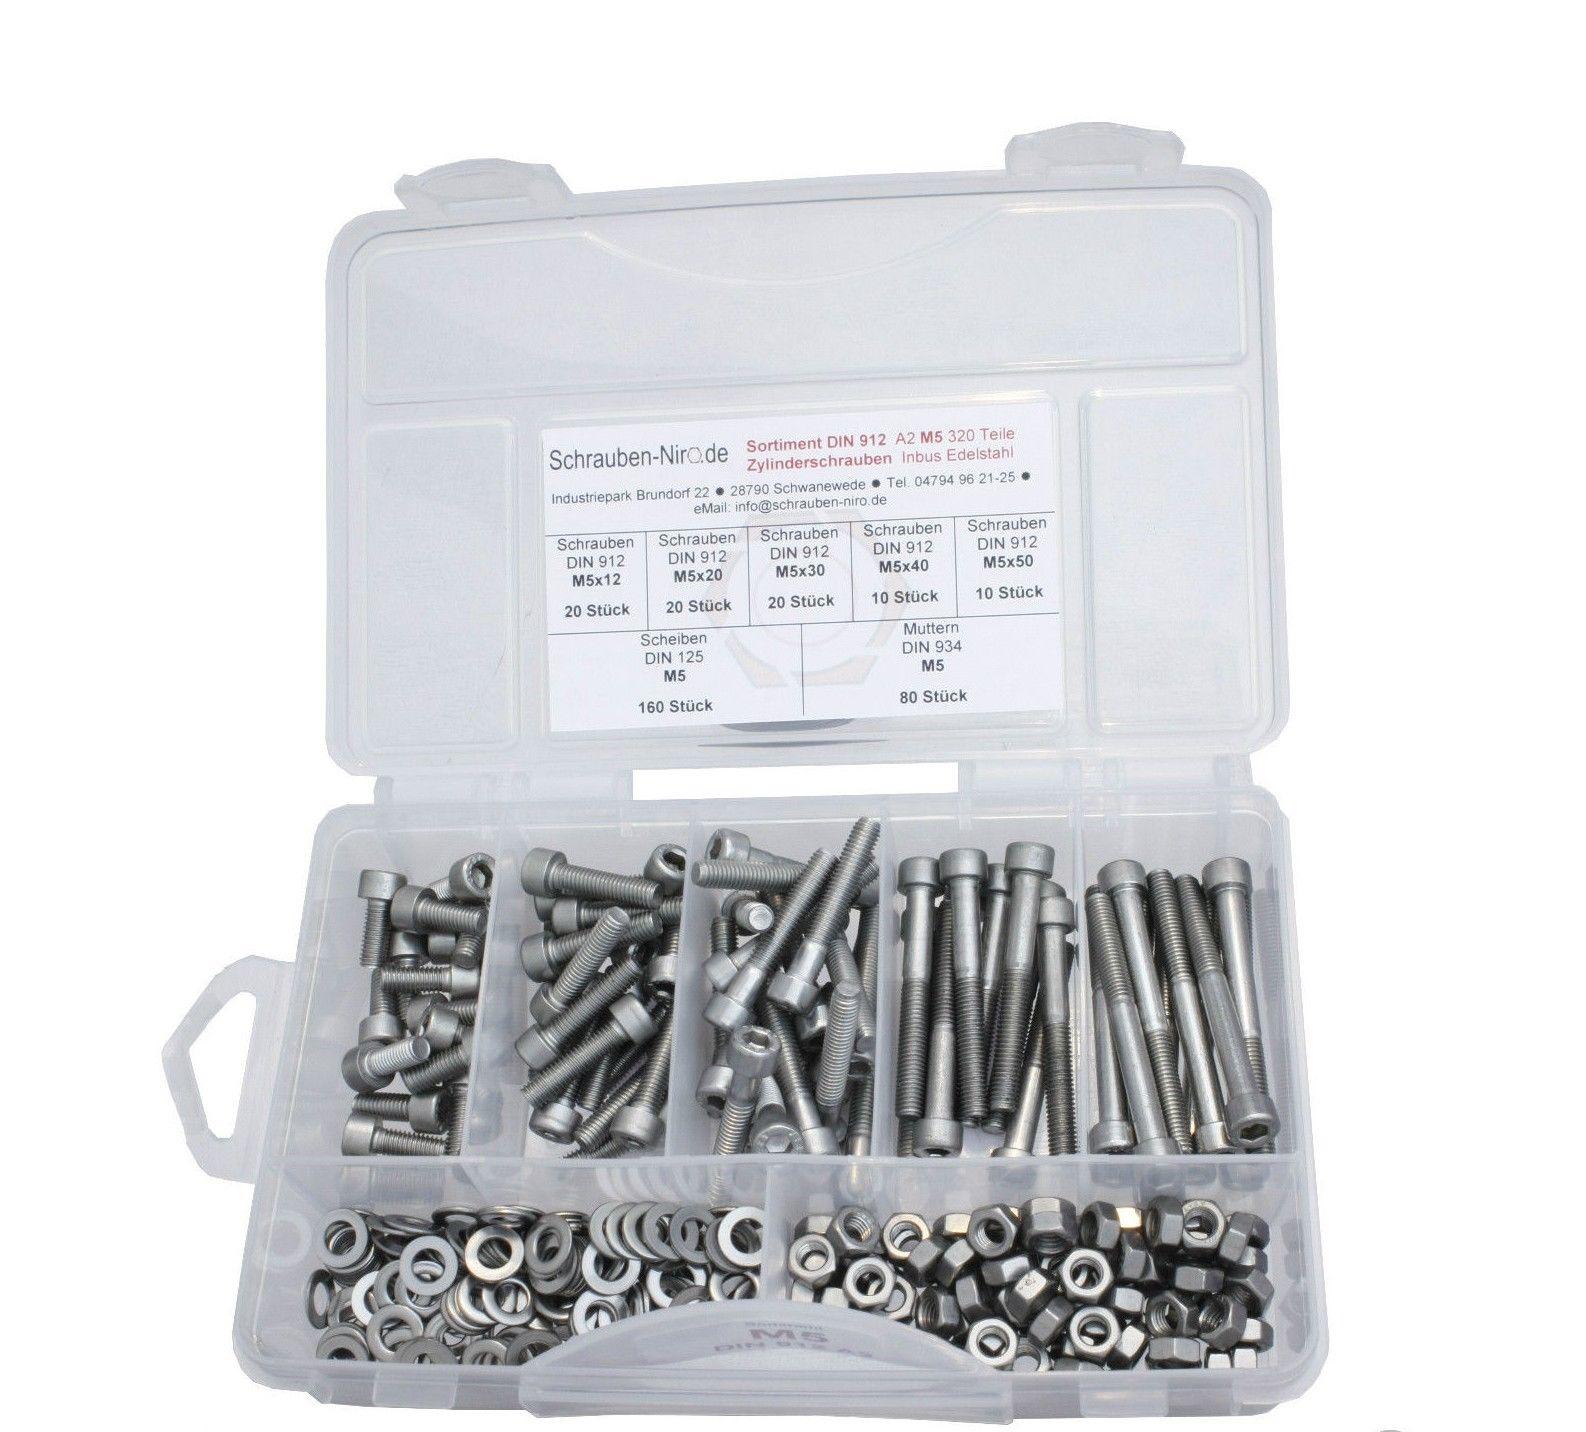 Schrauben-Niro® Basic Sortimente//Sets Zylinderschrauben DIN 912 M2-M12